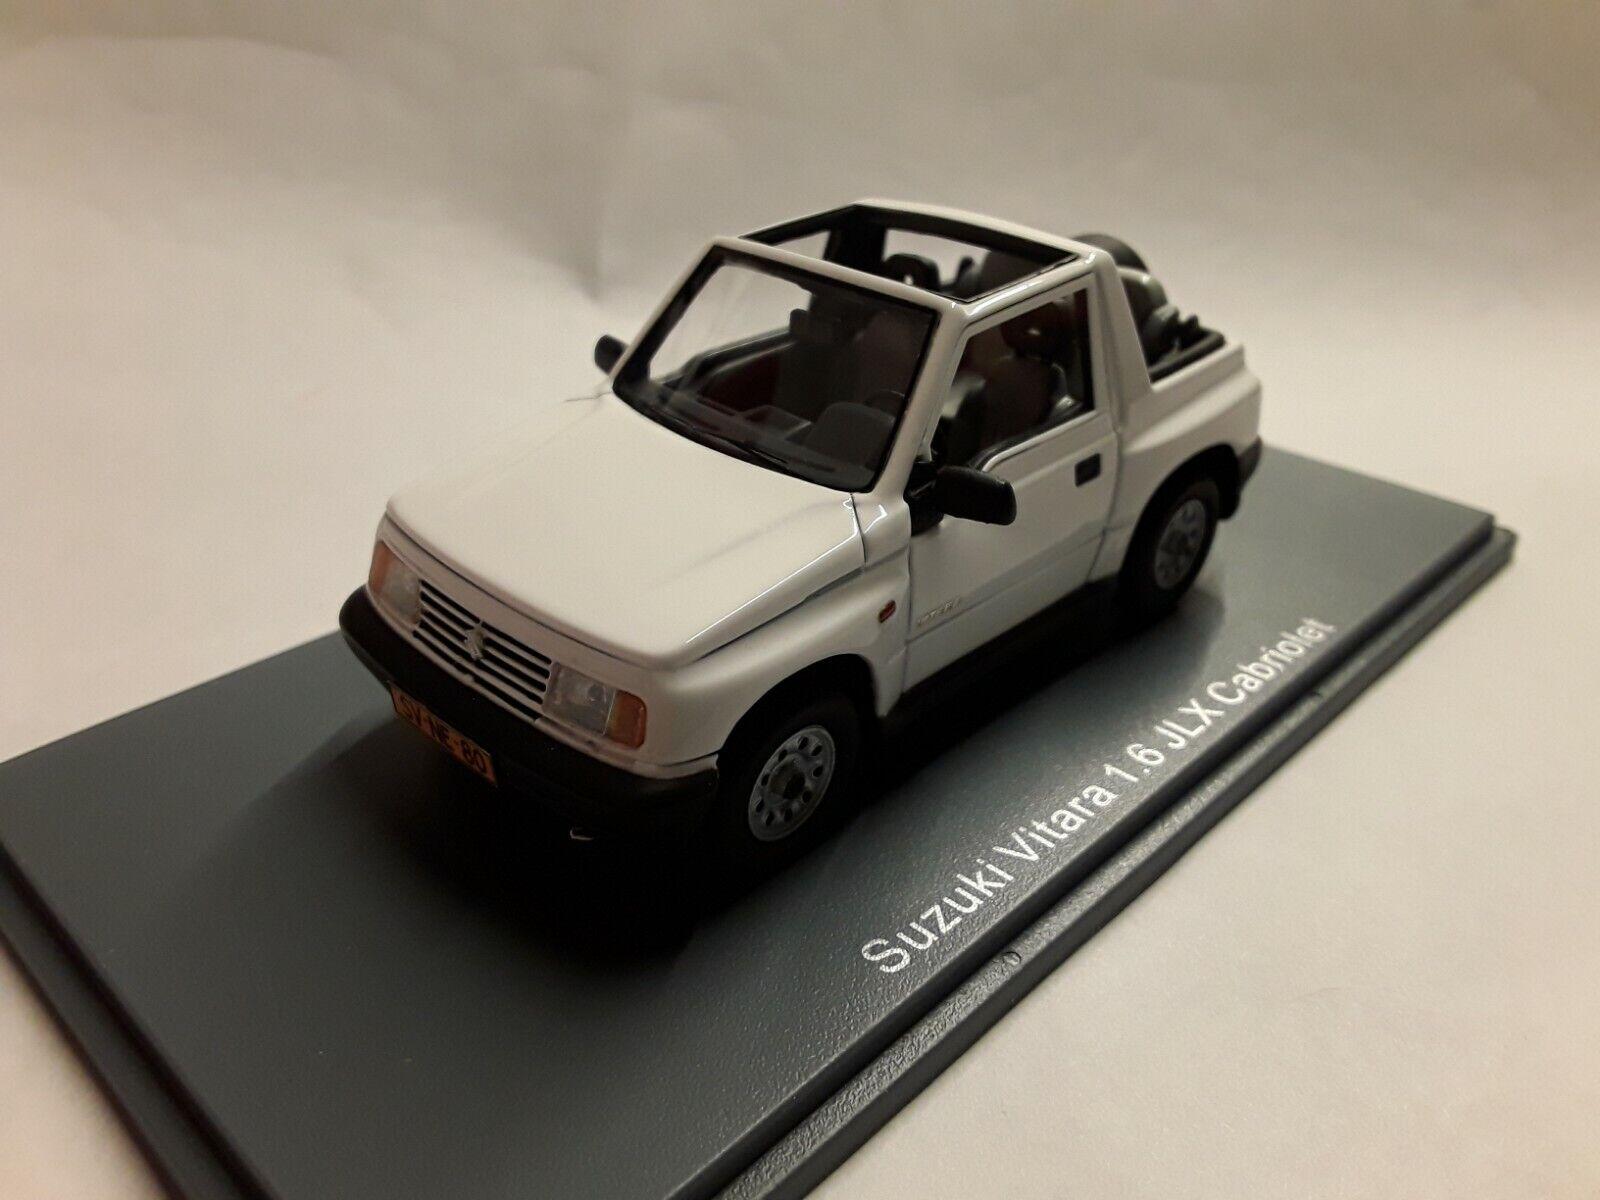 Suzuki Vitara 1.6 JLX Cabriolet  weiss  1 43 Neo